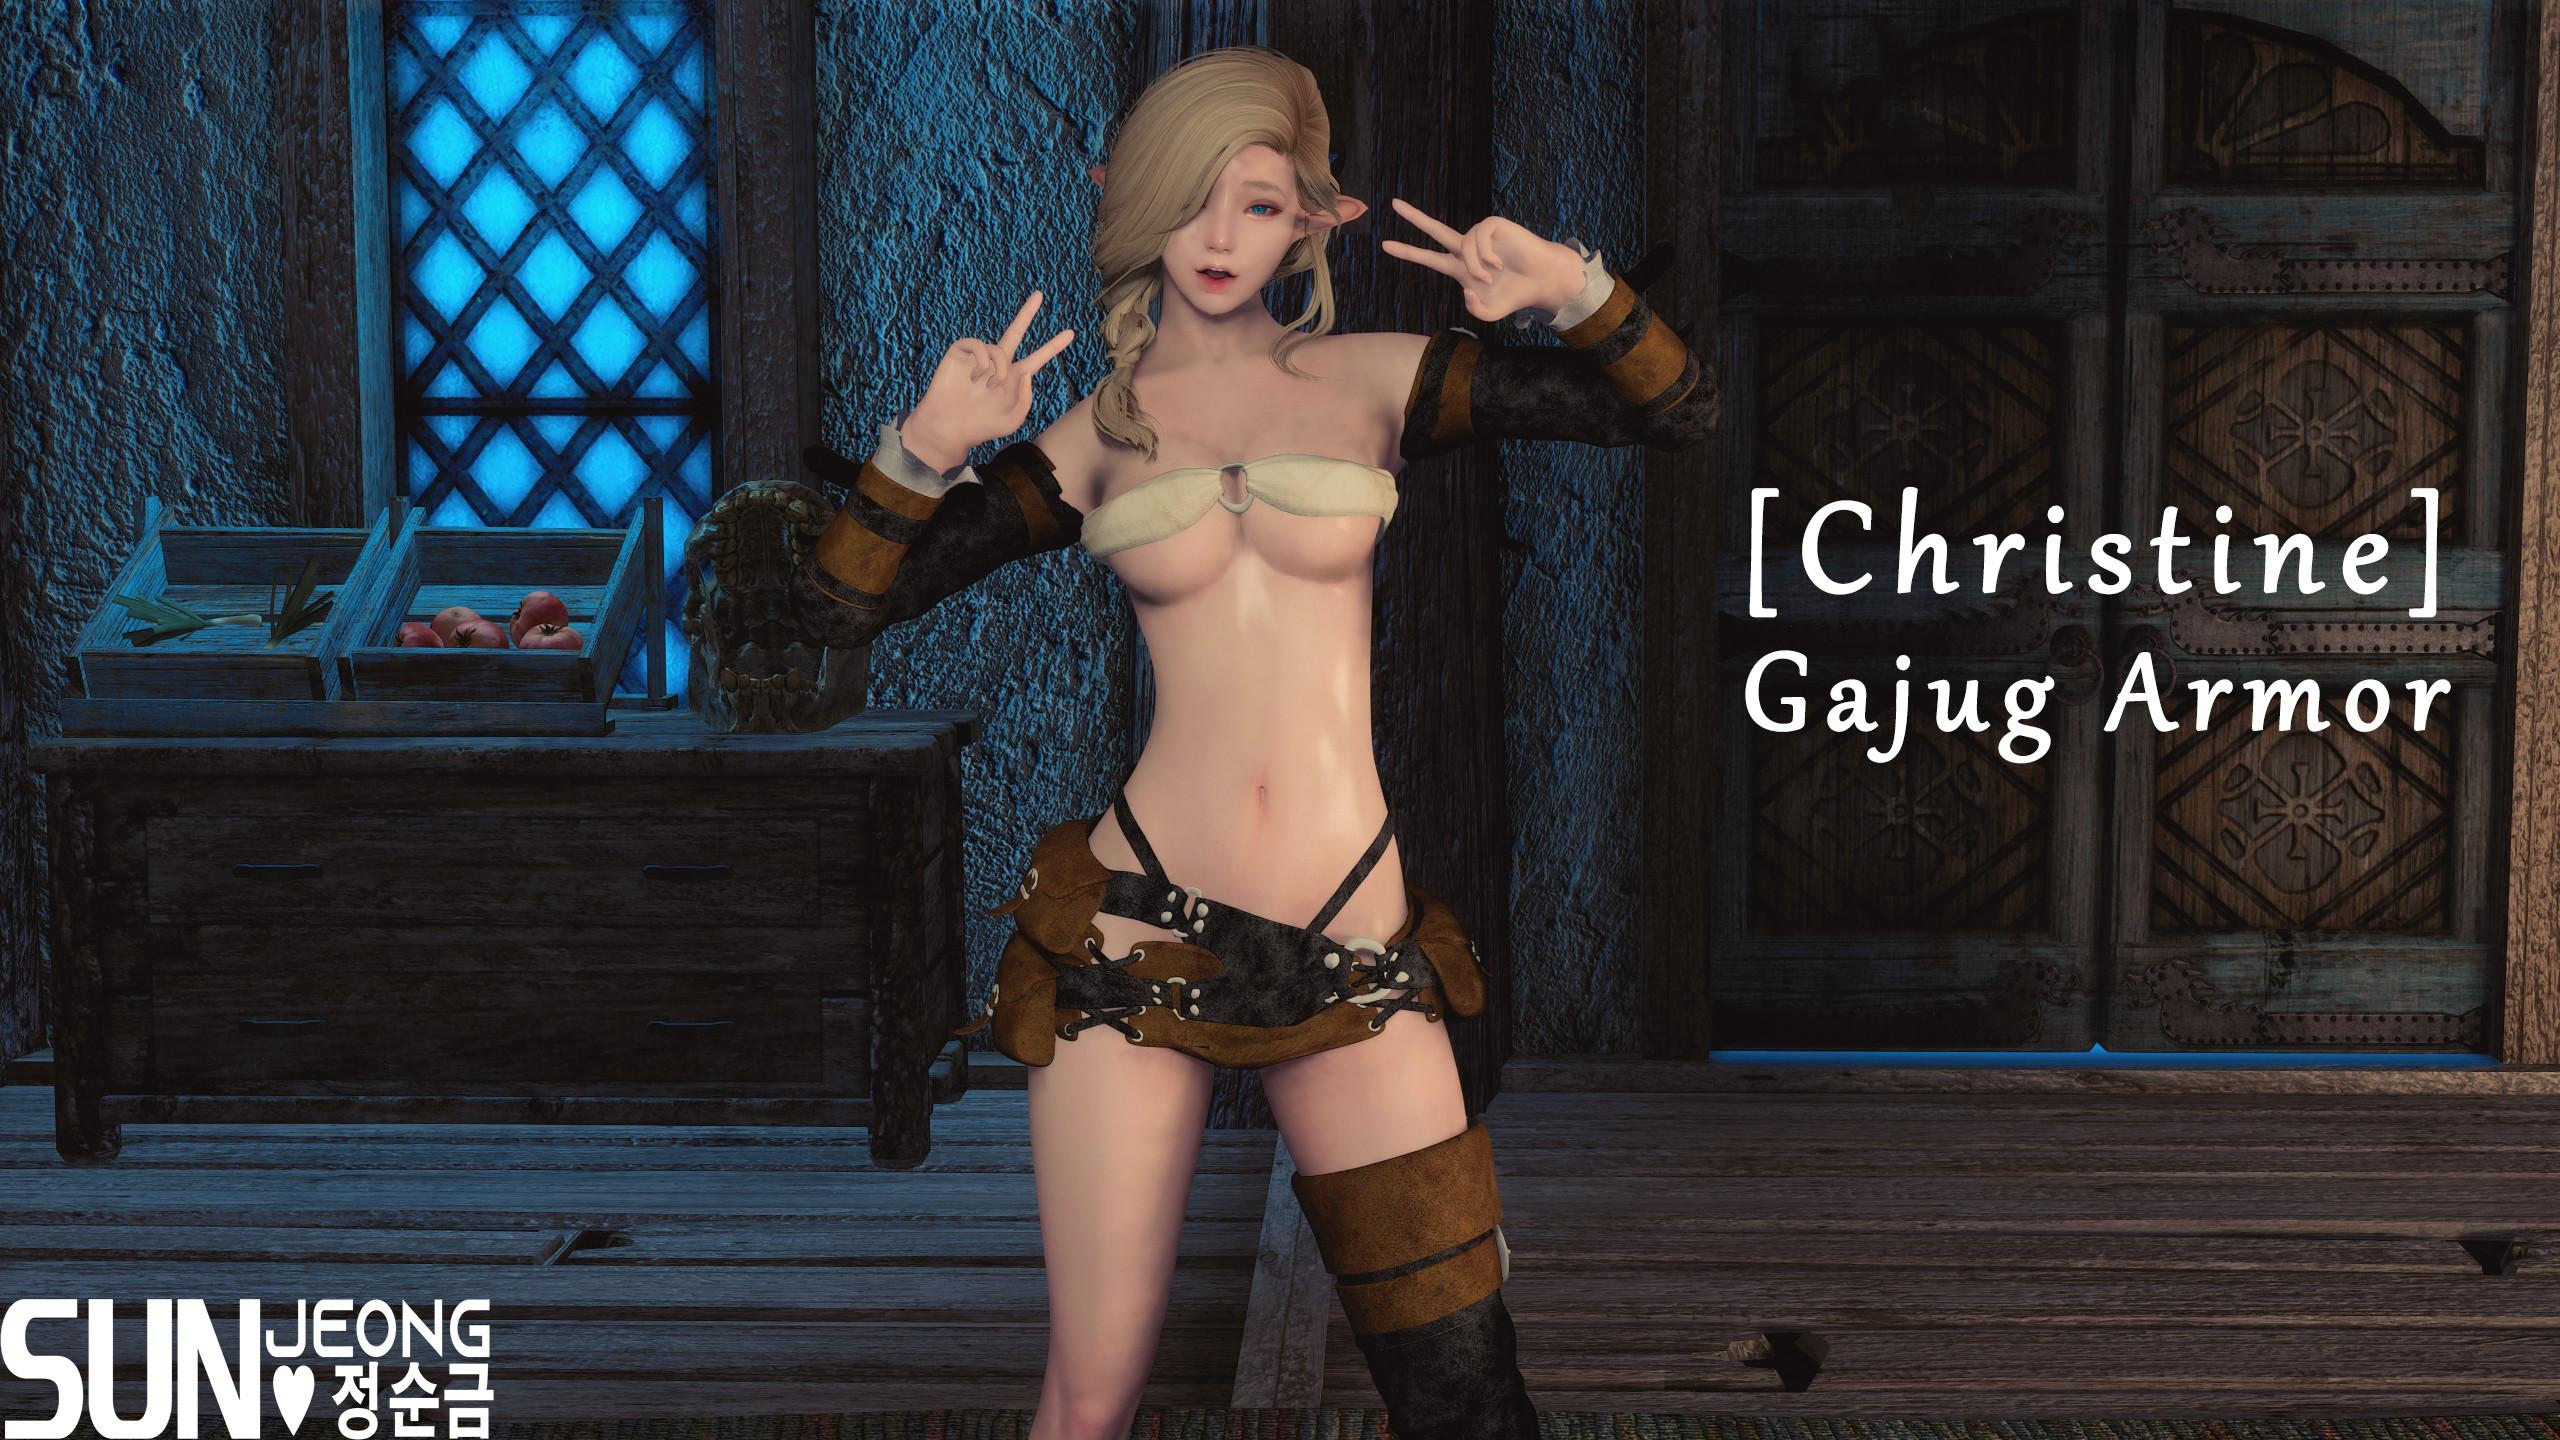 [Christine] Gajug Armor